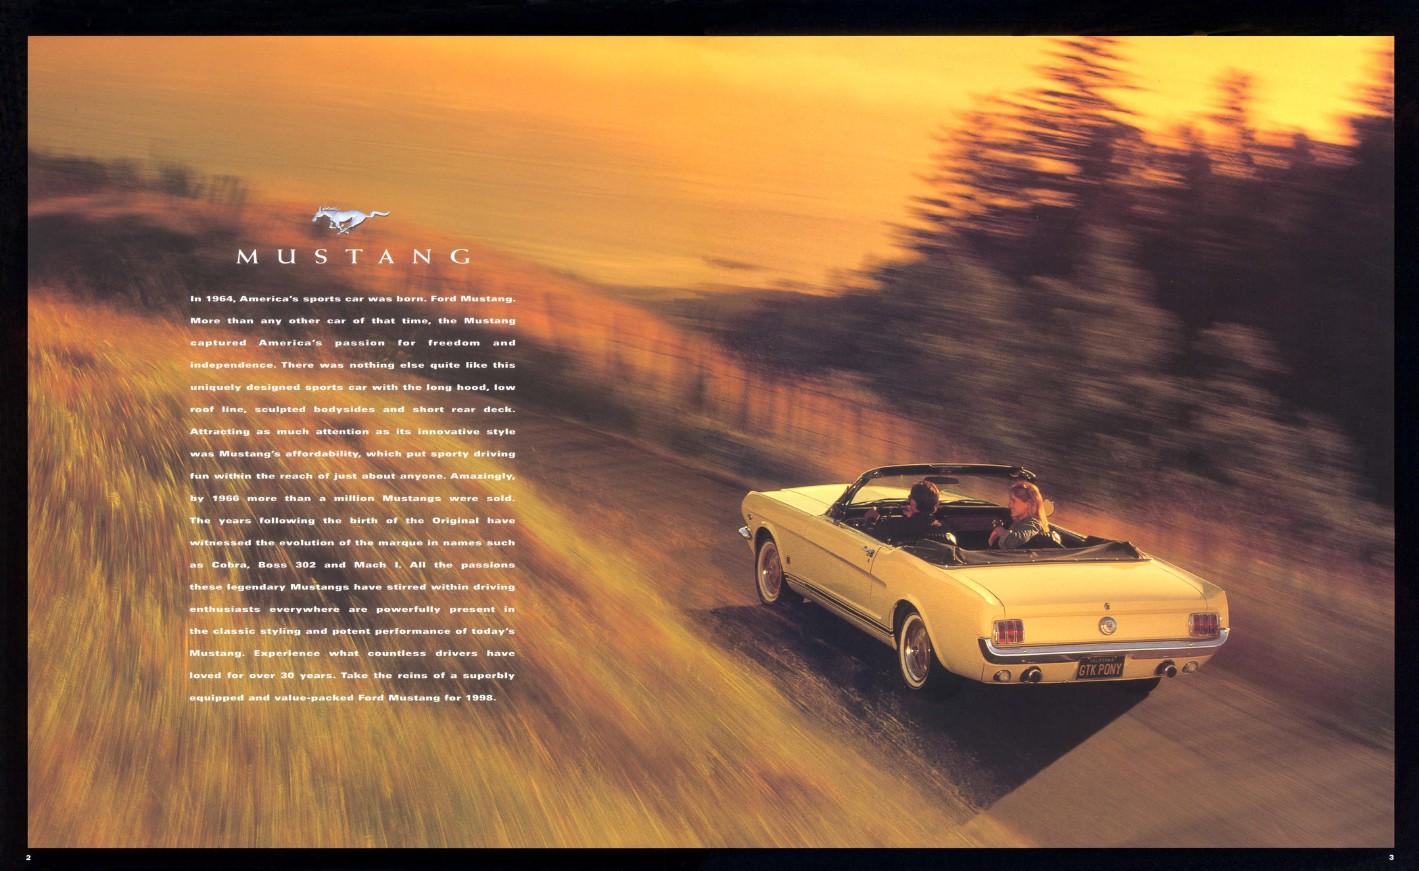 1998-ford-mustang-brochure-02.jpg